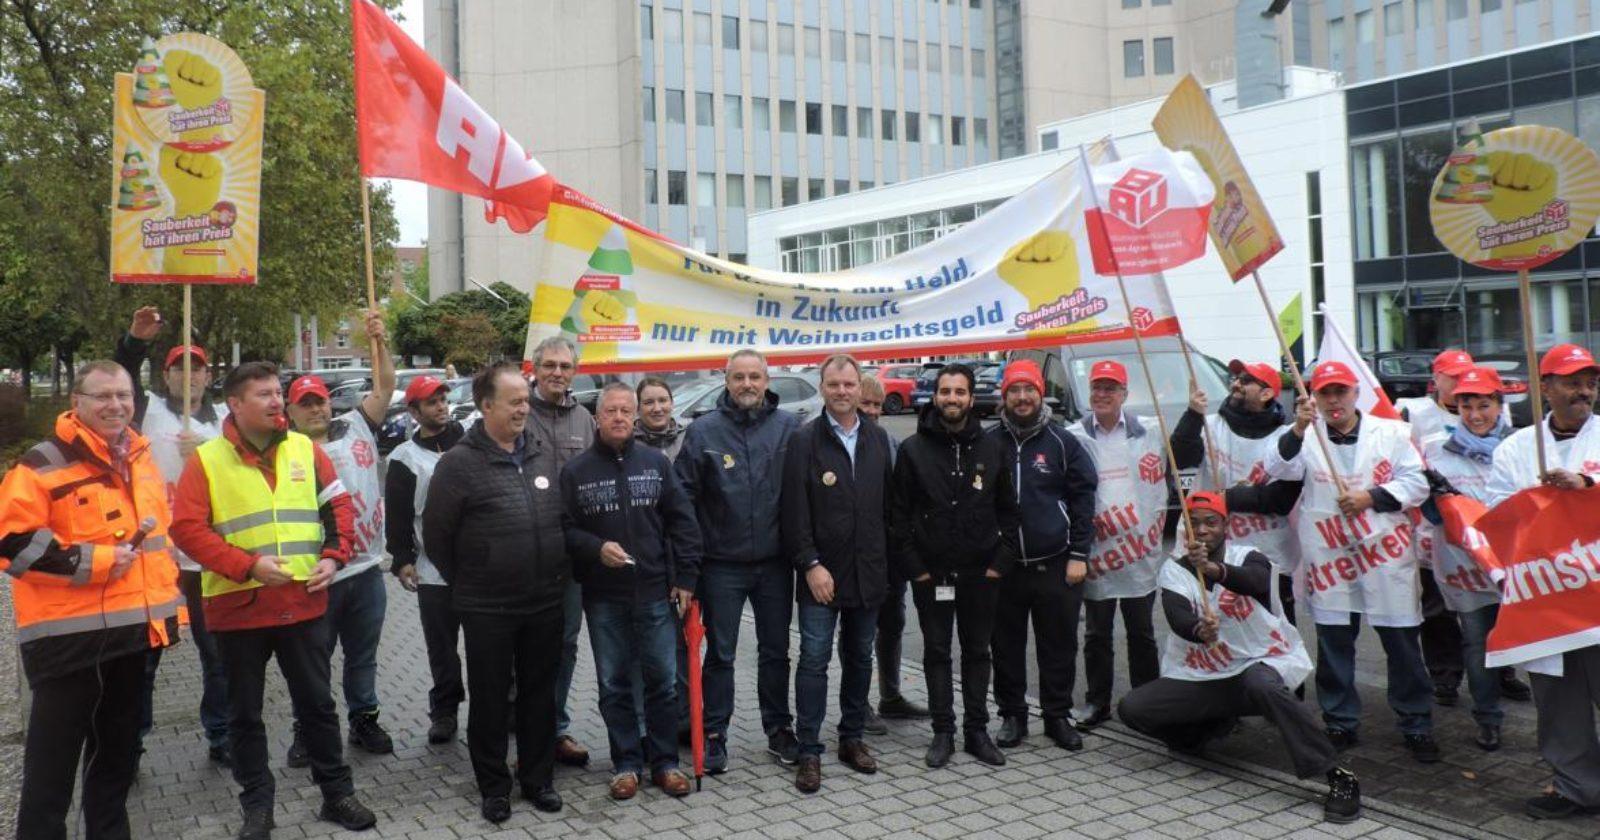 Gute Stimmung beim Warnstreik der KollegInnen von Piepenbrock bei Siemens in Karlsruhe